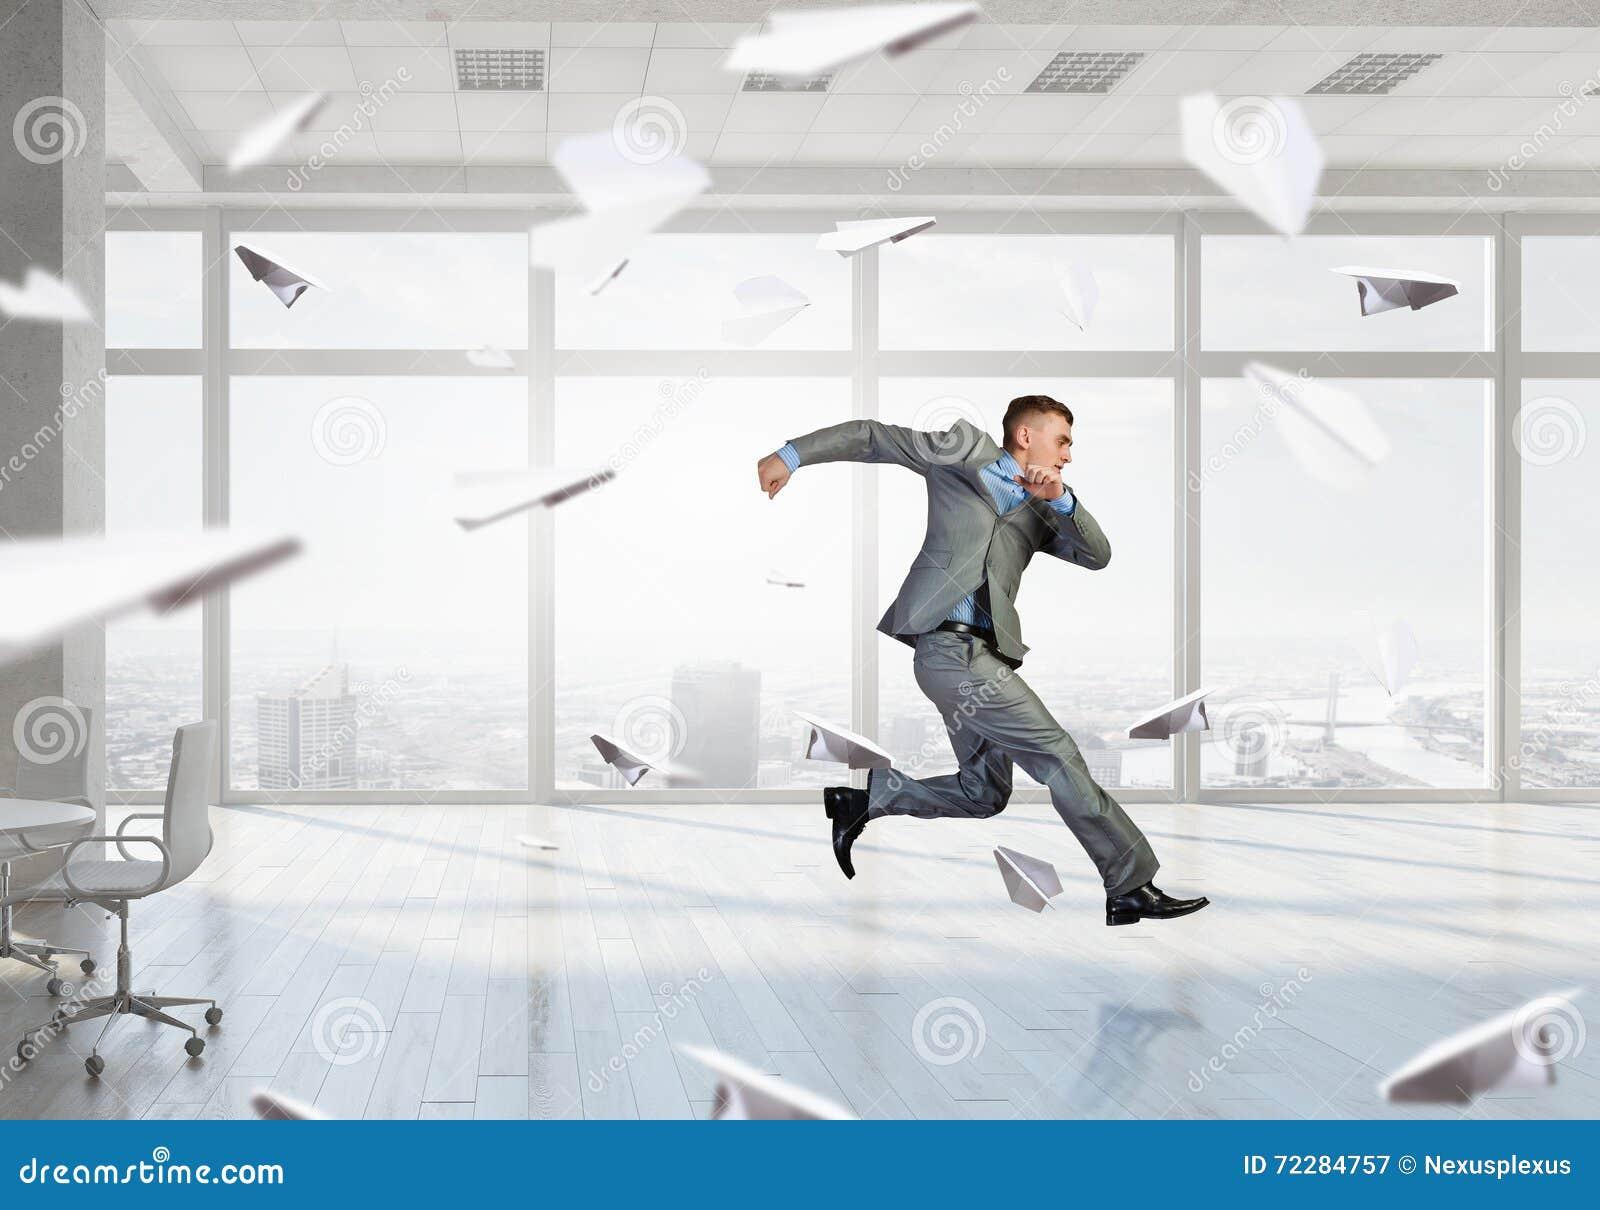 Download Бизнесмен танцев в офисе стоковое изображение. изображение насчитывающей привлекательностей - 72284757